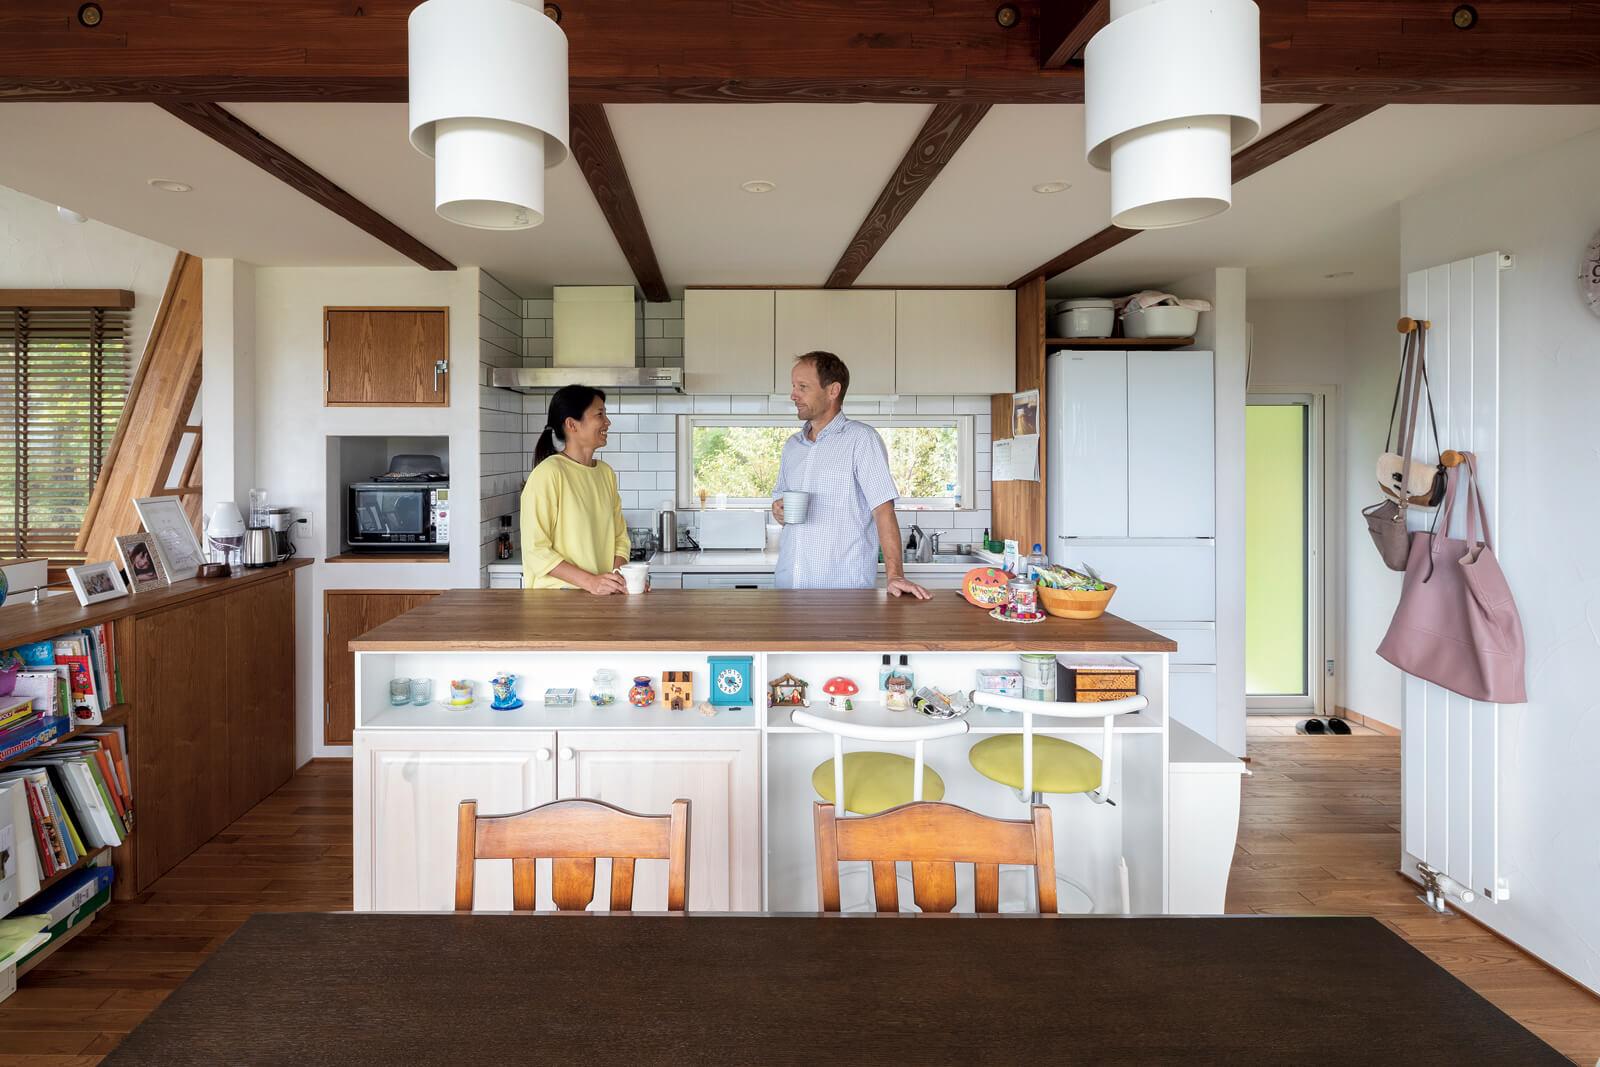 白い壁、アイランド型などキッチンには奥さんの希望を反映。右の勝手口は庭の畑に行くときなどに使用している